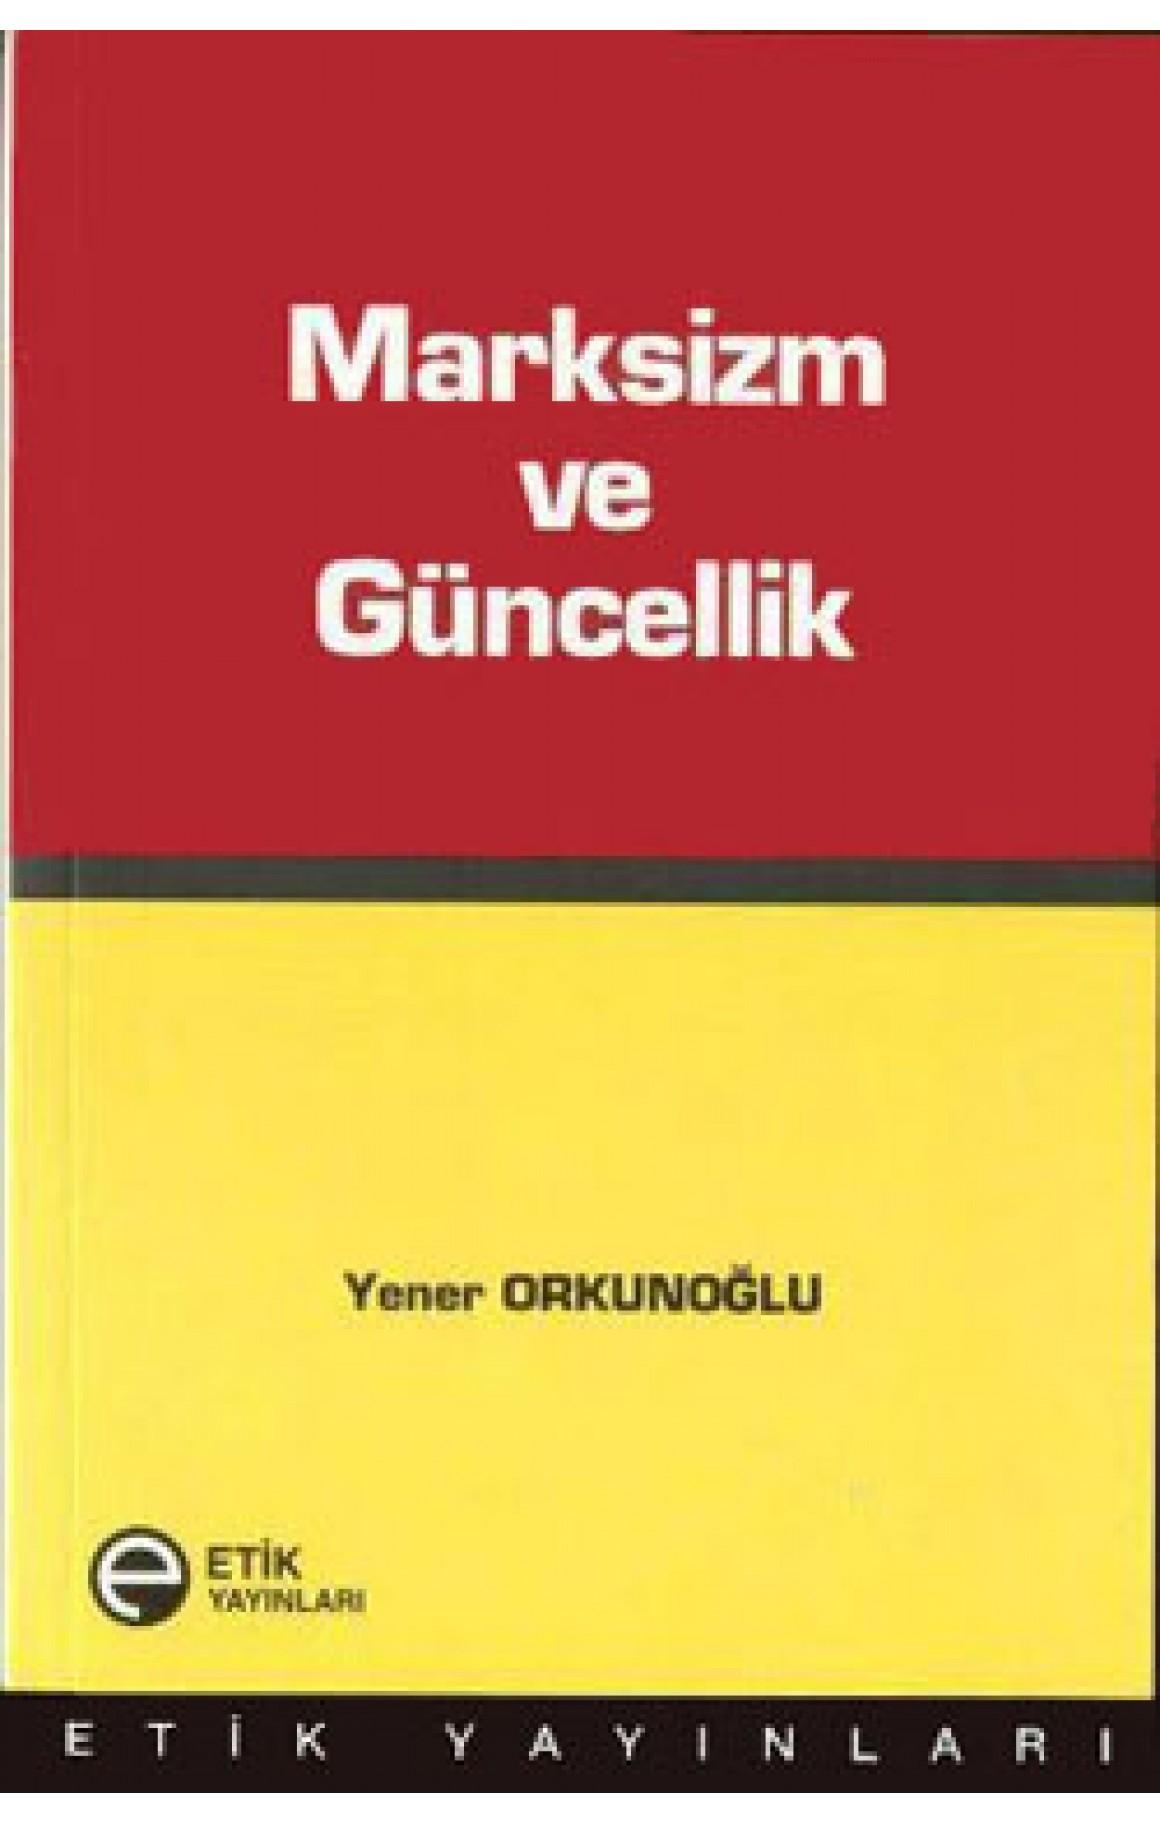 Marksizm ve Güncellik